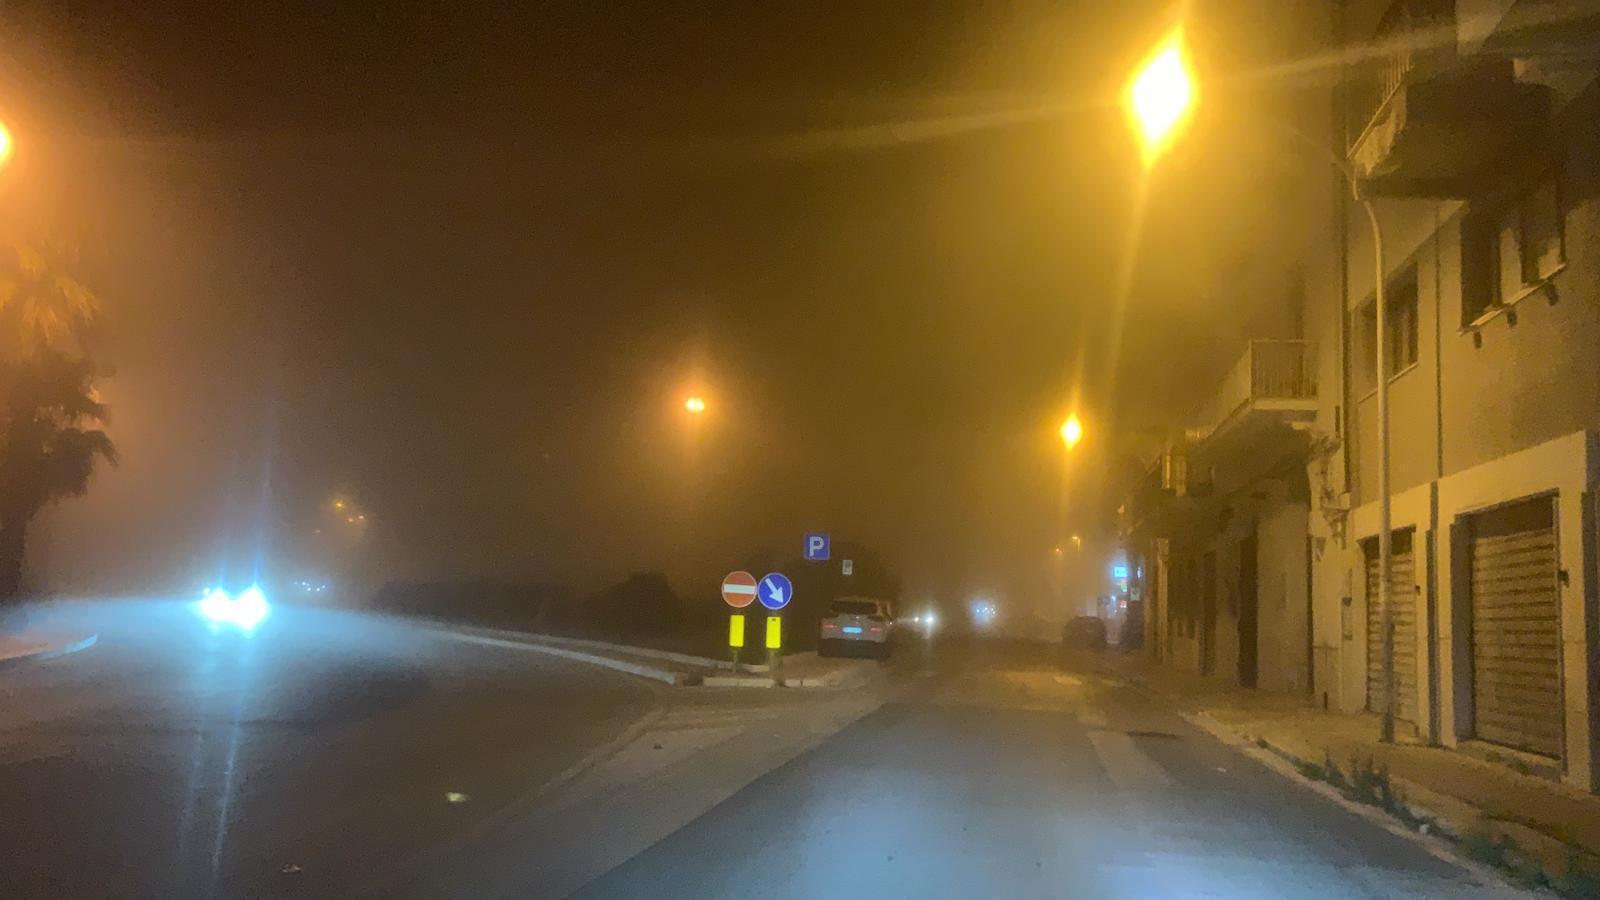 La nebbia avvolge Trapani e Marsala immagini e